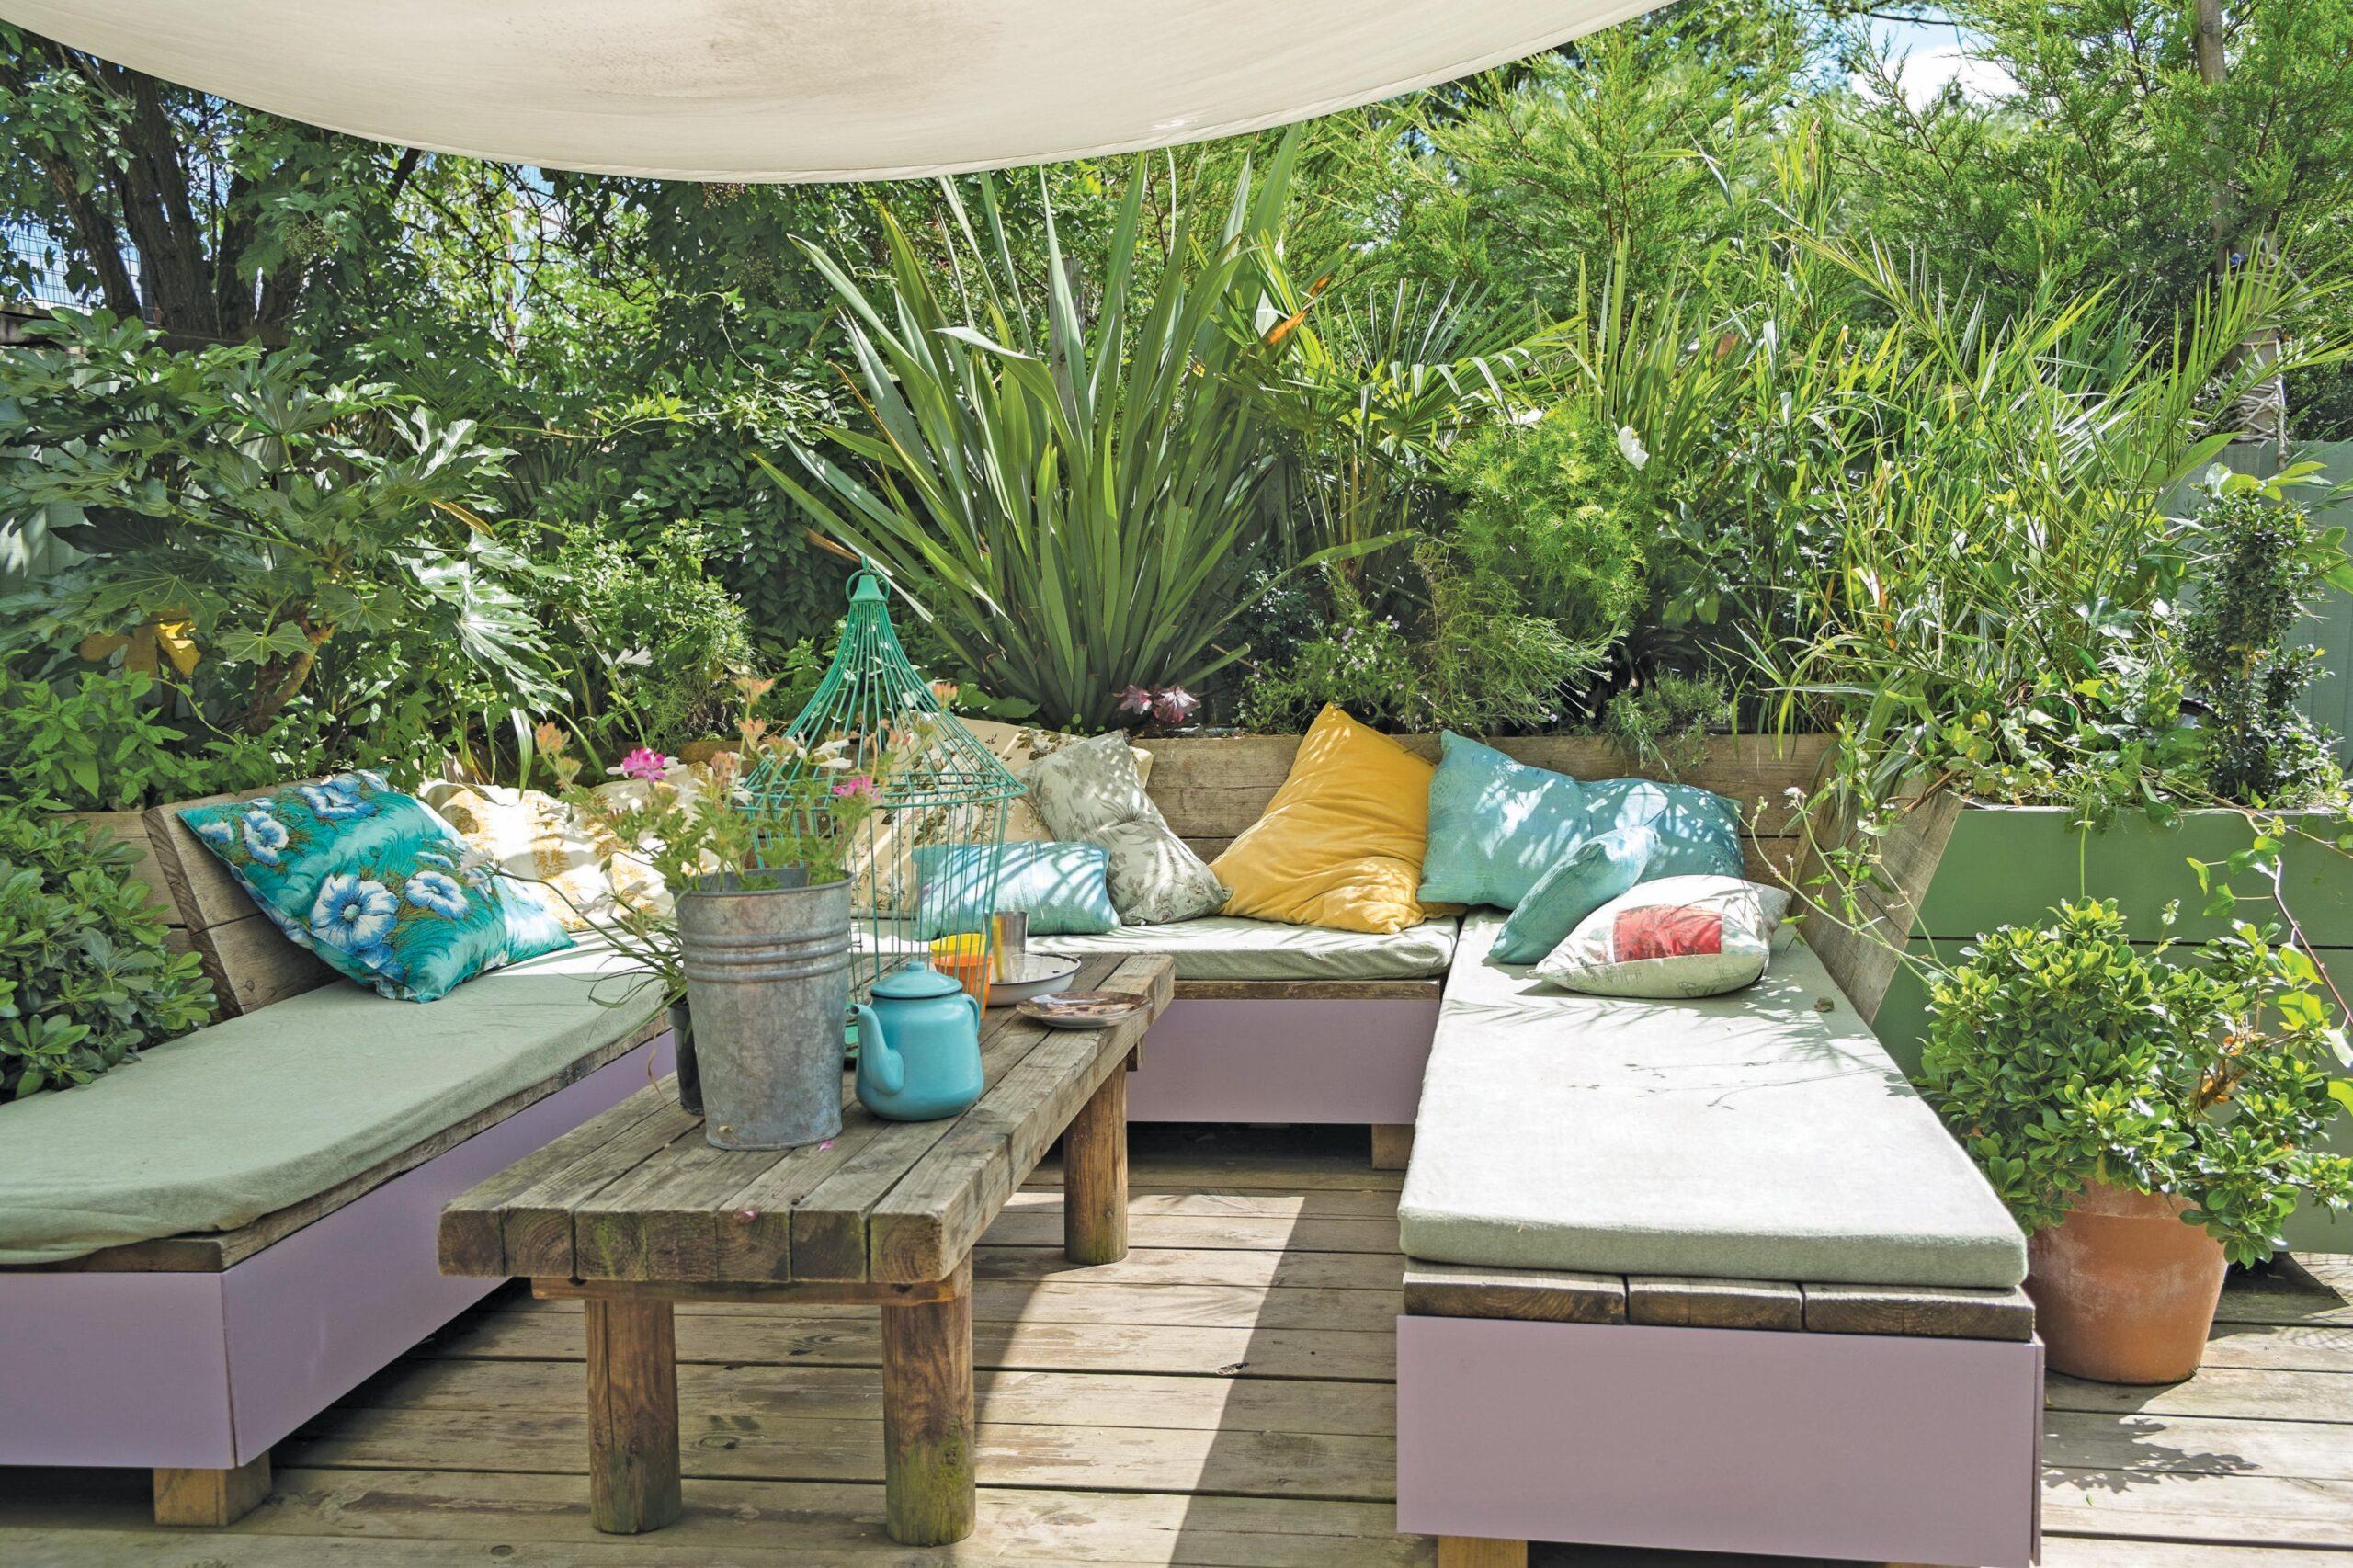 Full Size of Terrassen Lounge Mediterrane Garten Terrasse Sofakissen Son Loungemöbel Günstig Möbel Set Sofa Sessel Holz Wohnzimmer Terrassen Lounge